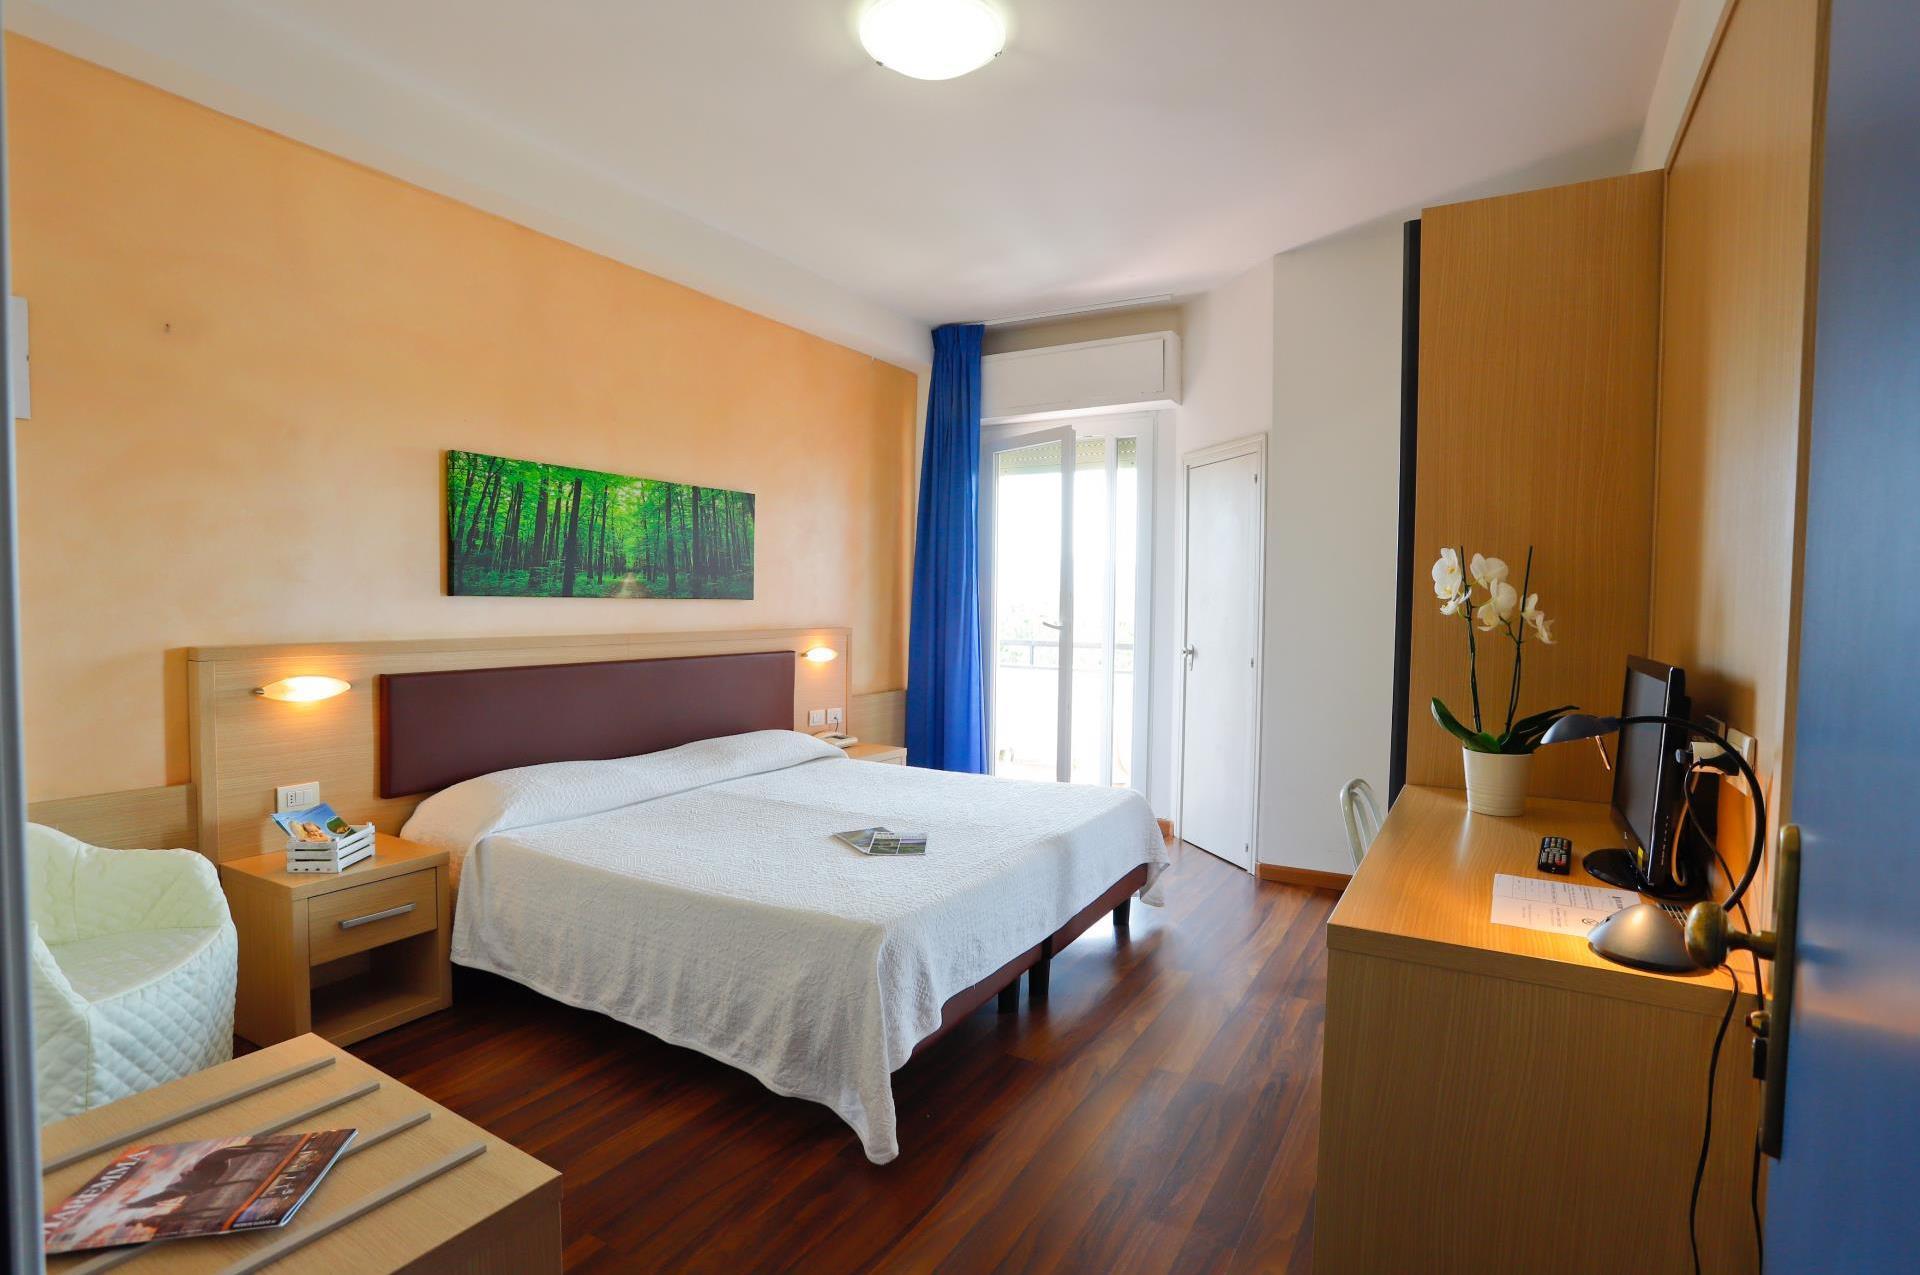 Camera Matrimoniale A Grosseto.Camera Matrimoniale Toscana Mare Grosseto Hotel Grifone